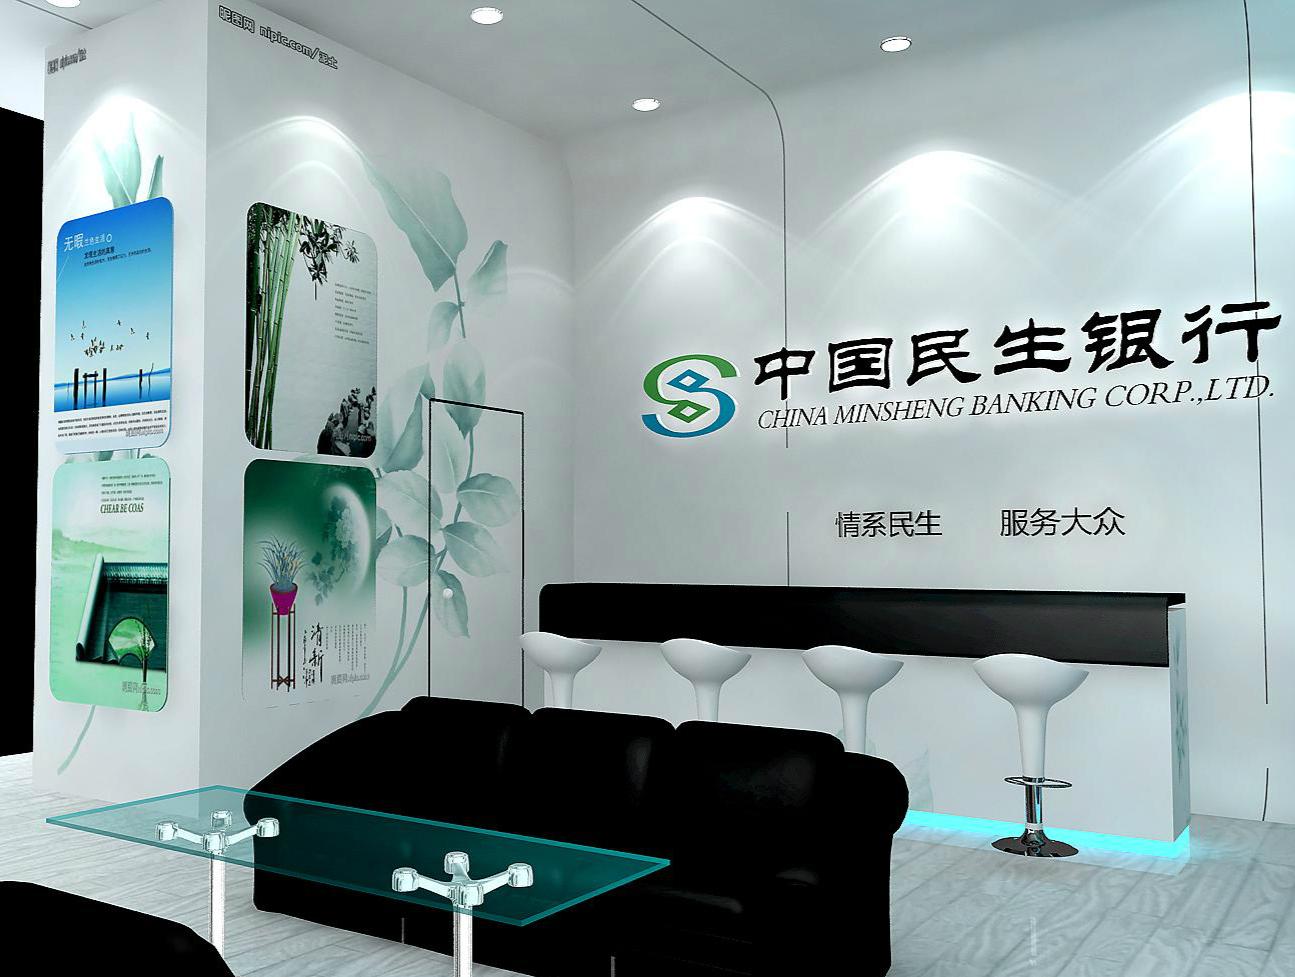 民生银行――中国大陆第一家由民间资本设立的全国性商业银行,卢志强位列59位股东中。